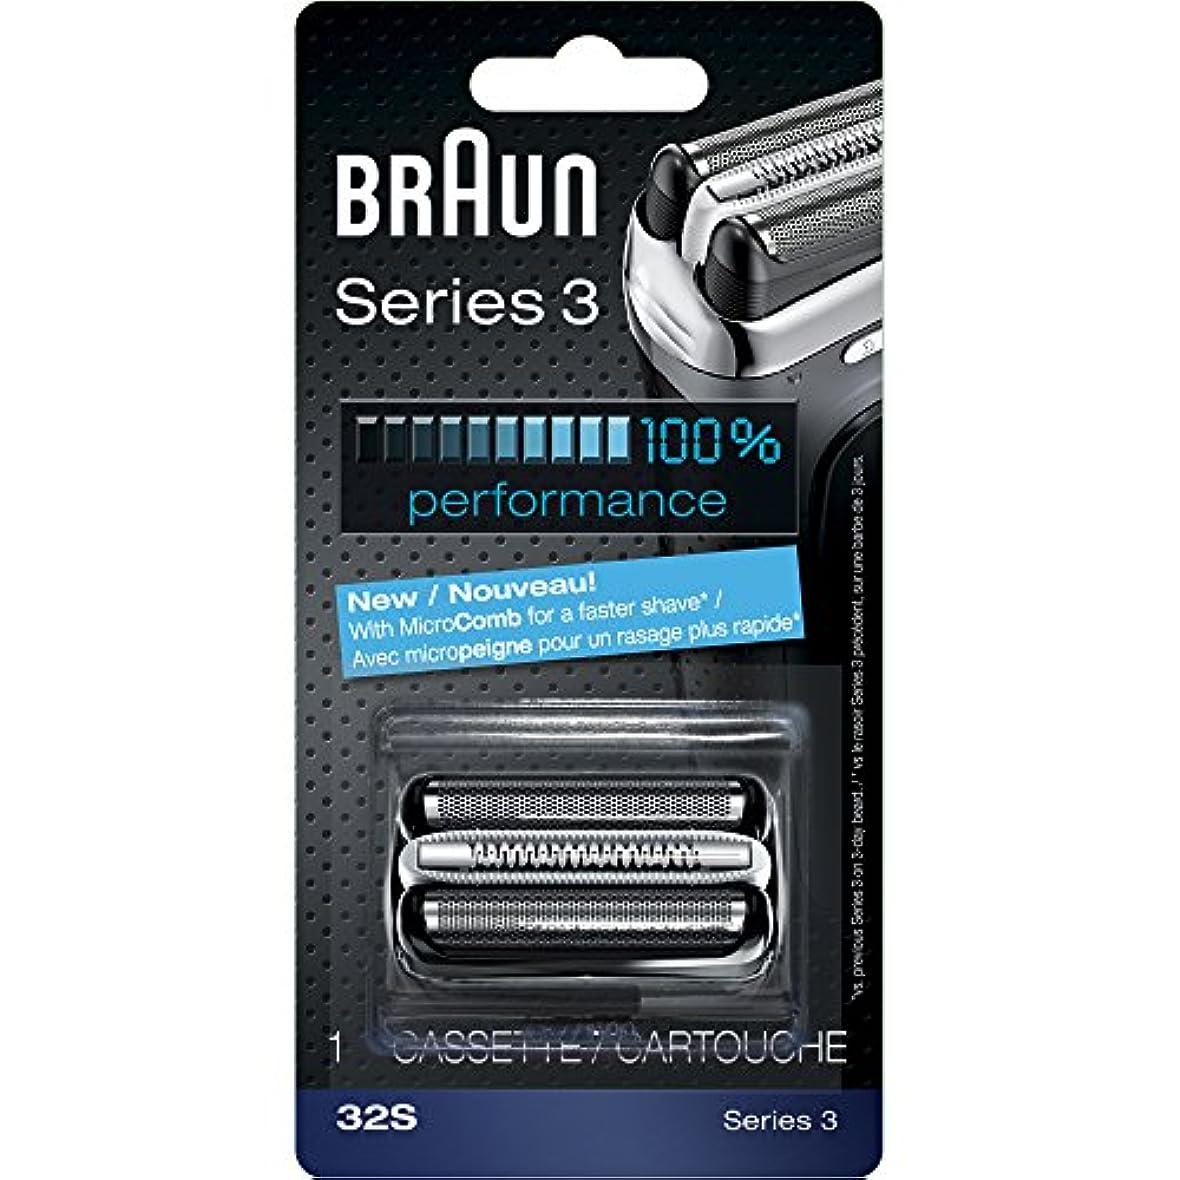 励起価値貢献するブラウン シェーバー シリーズ3用 網刃?内刃一体型カセット F/C32S と同一品 並行輸入品